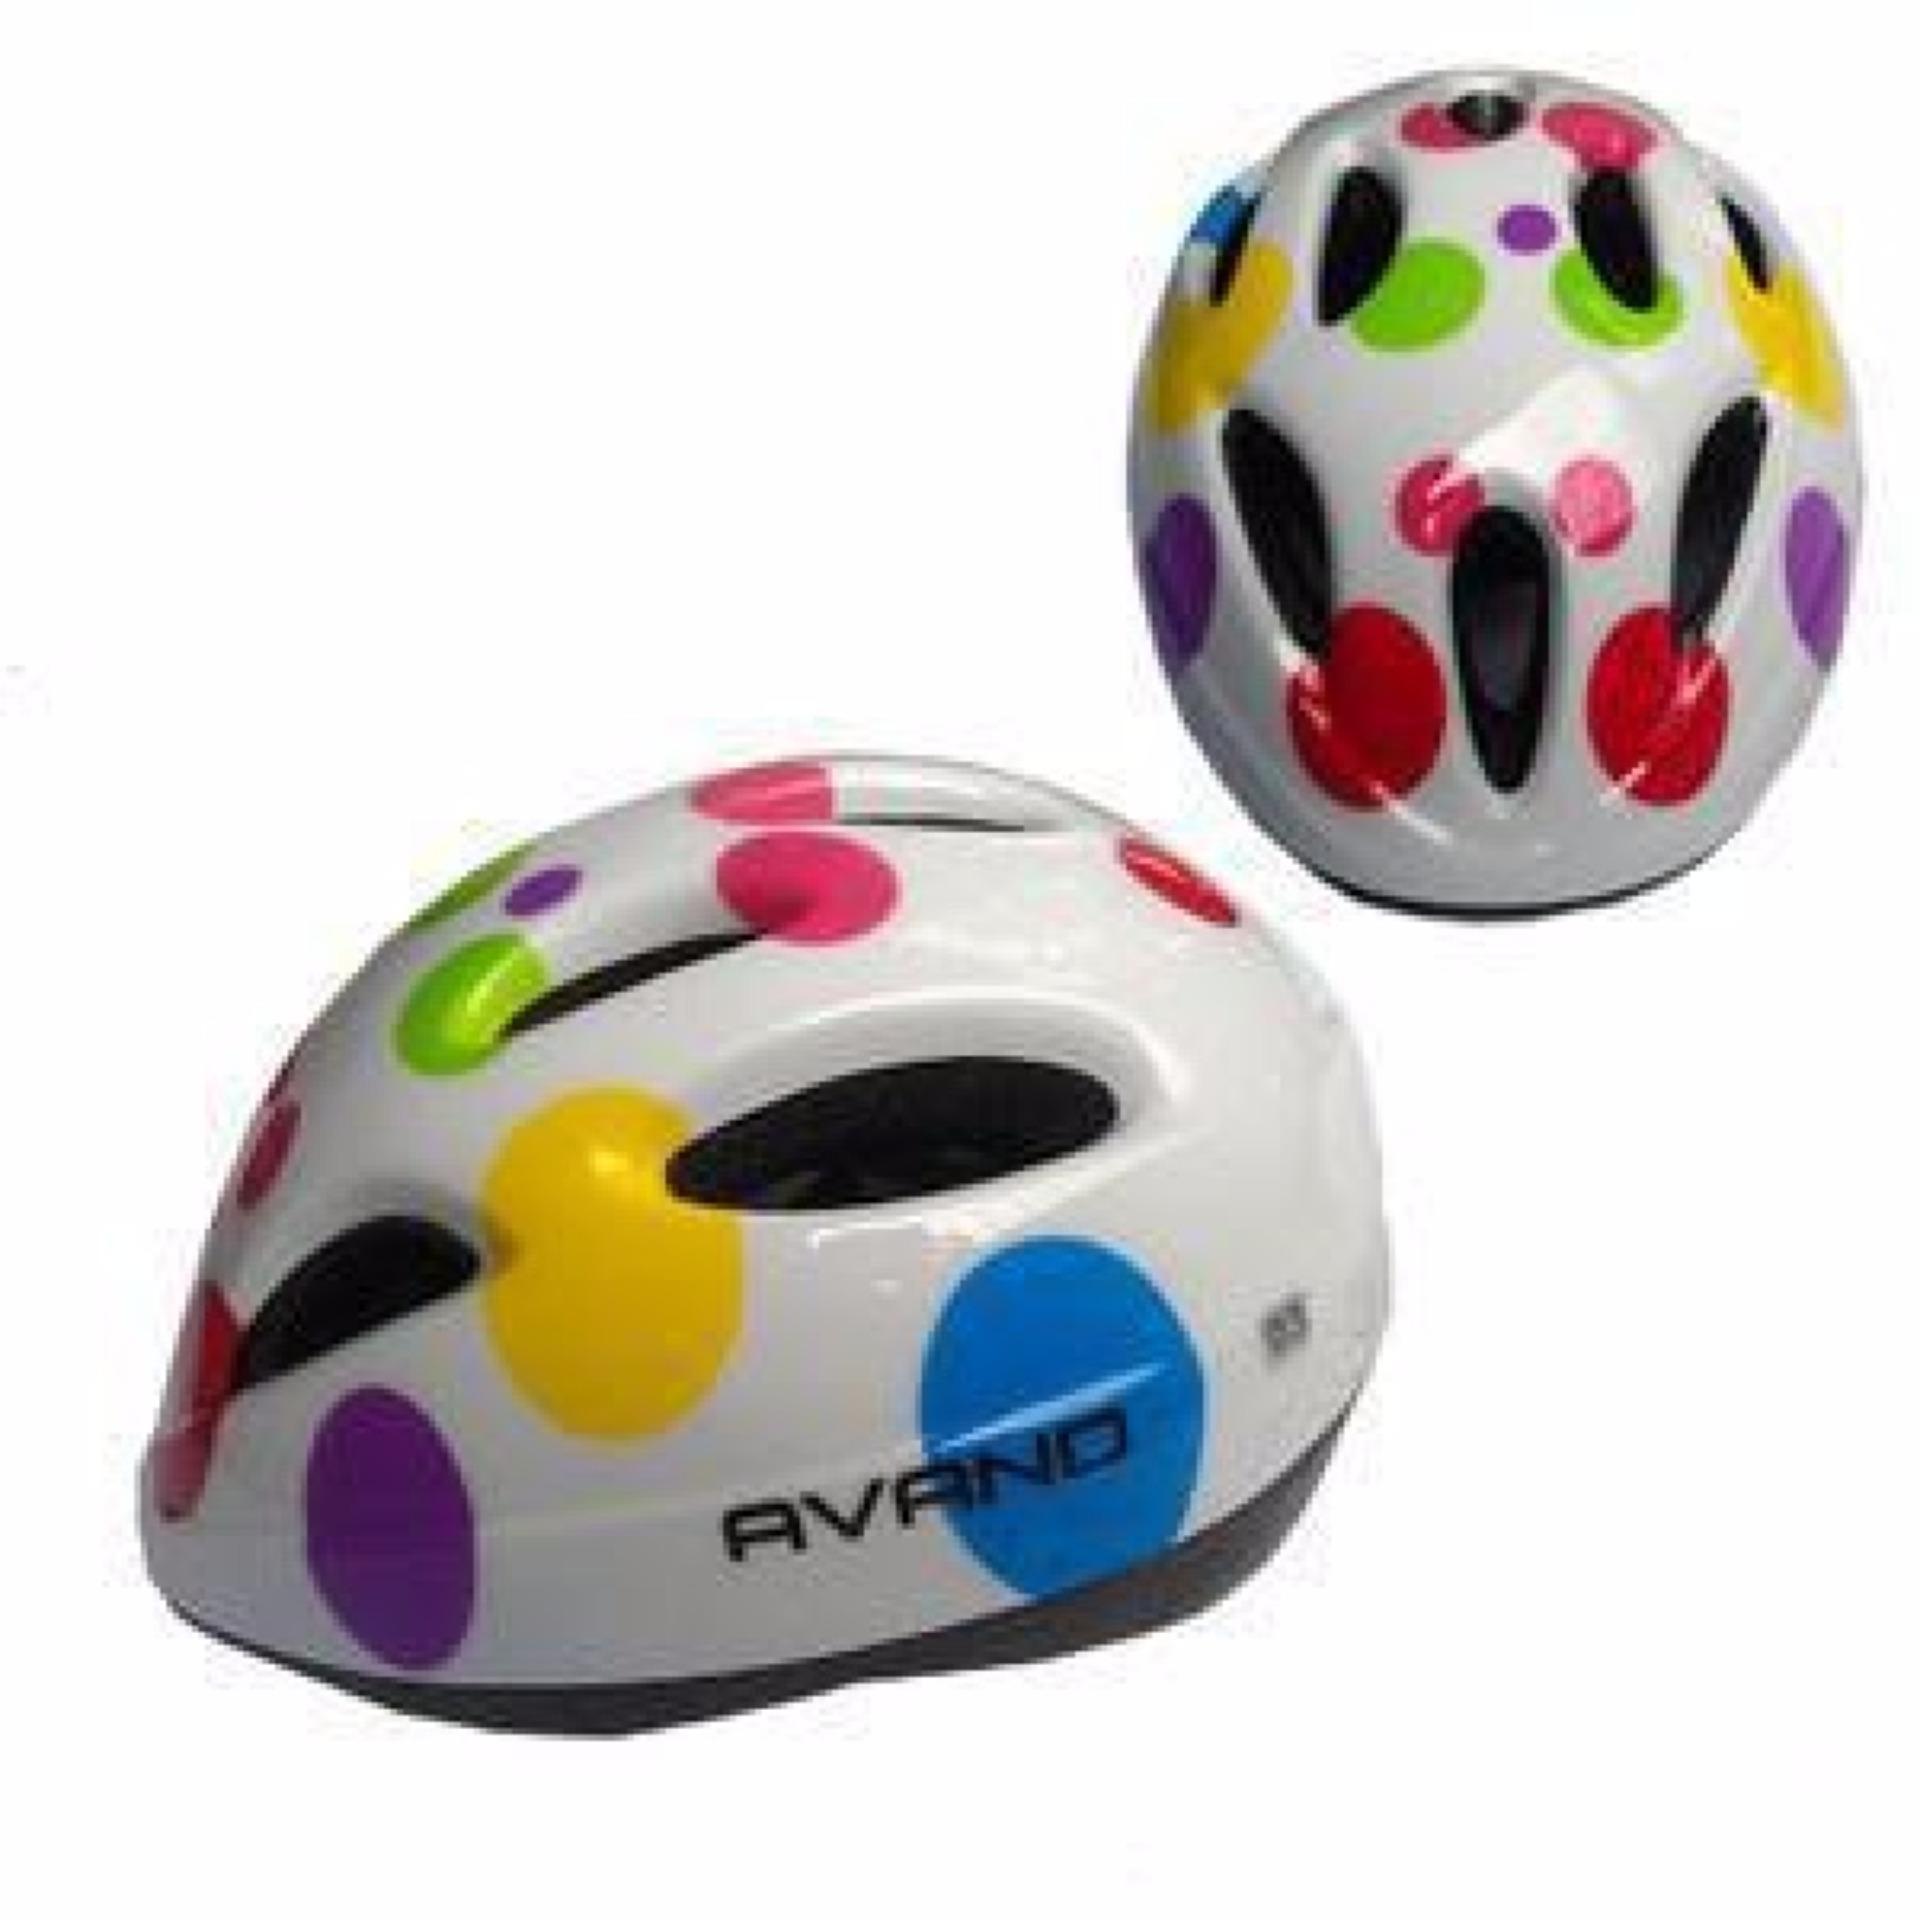 eShop Checker Helm Sepeda Anak Merk Avand  9b6ffb94b3